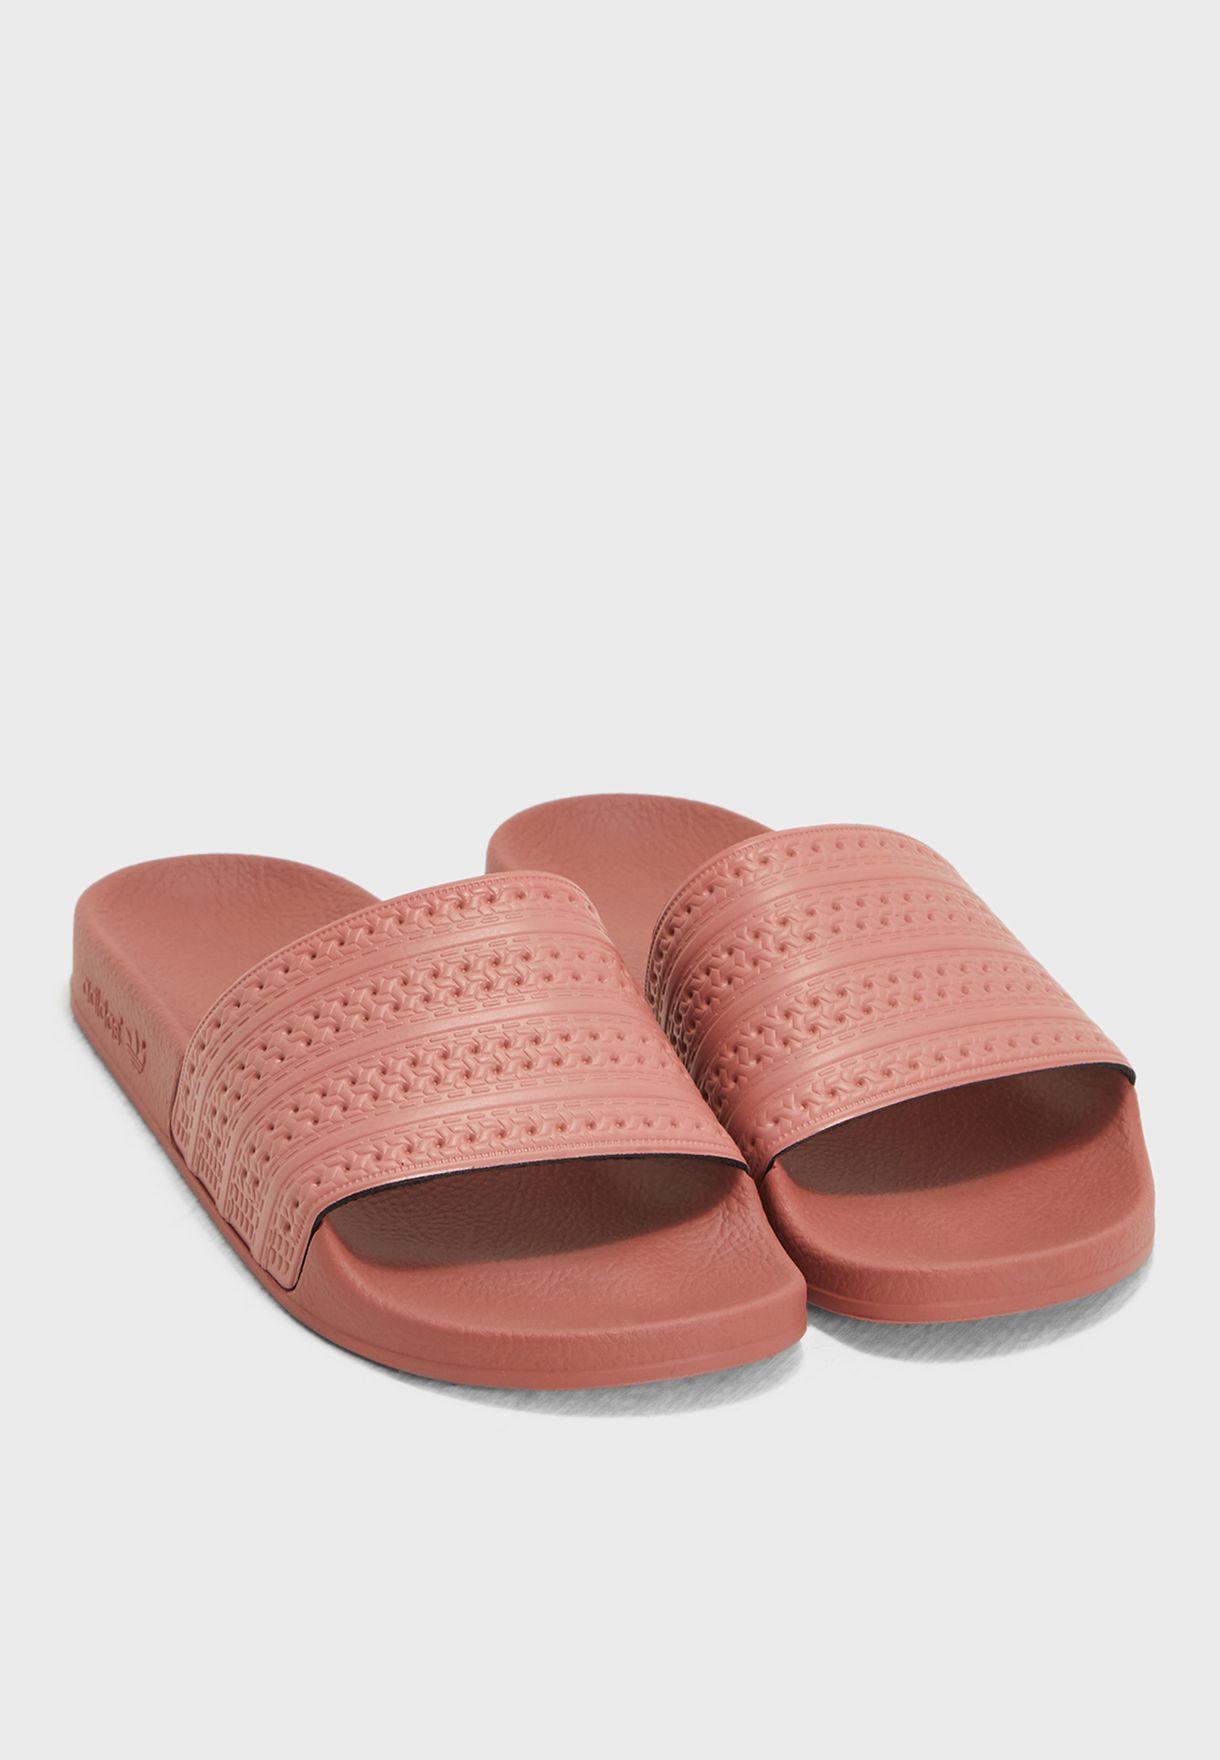 ba8c543c4 Shop adidas pink Adilette CQ2236 for Women in UAE - AD476SH24KMH